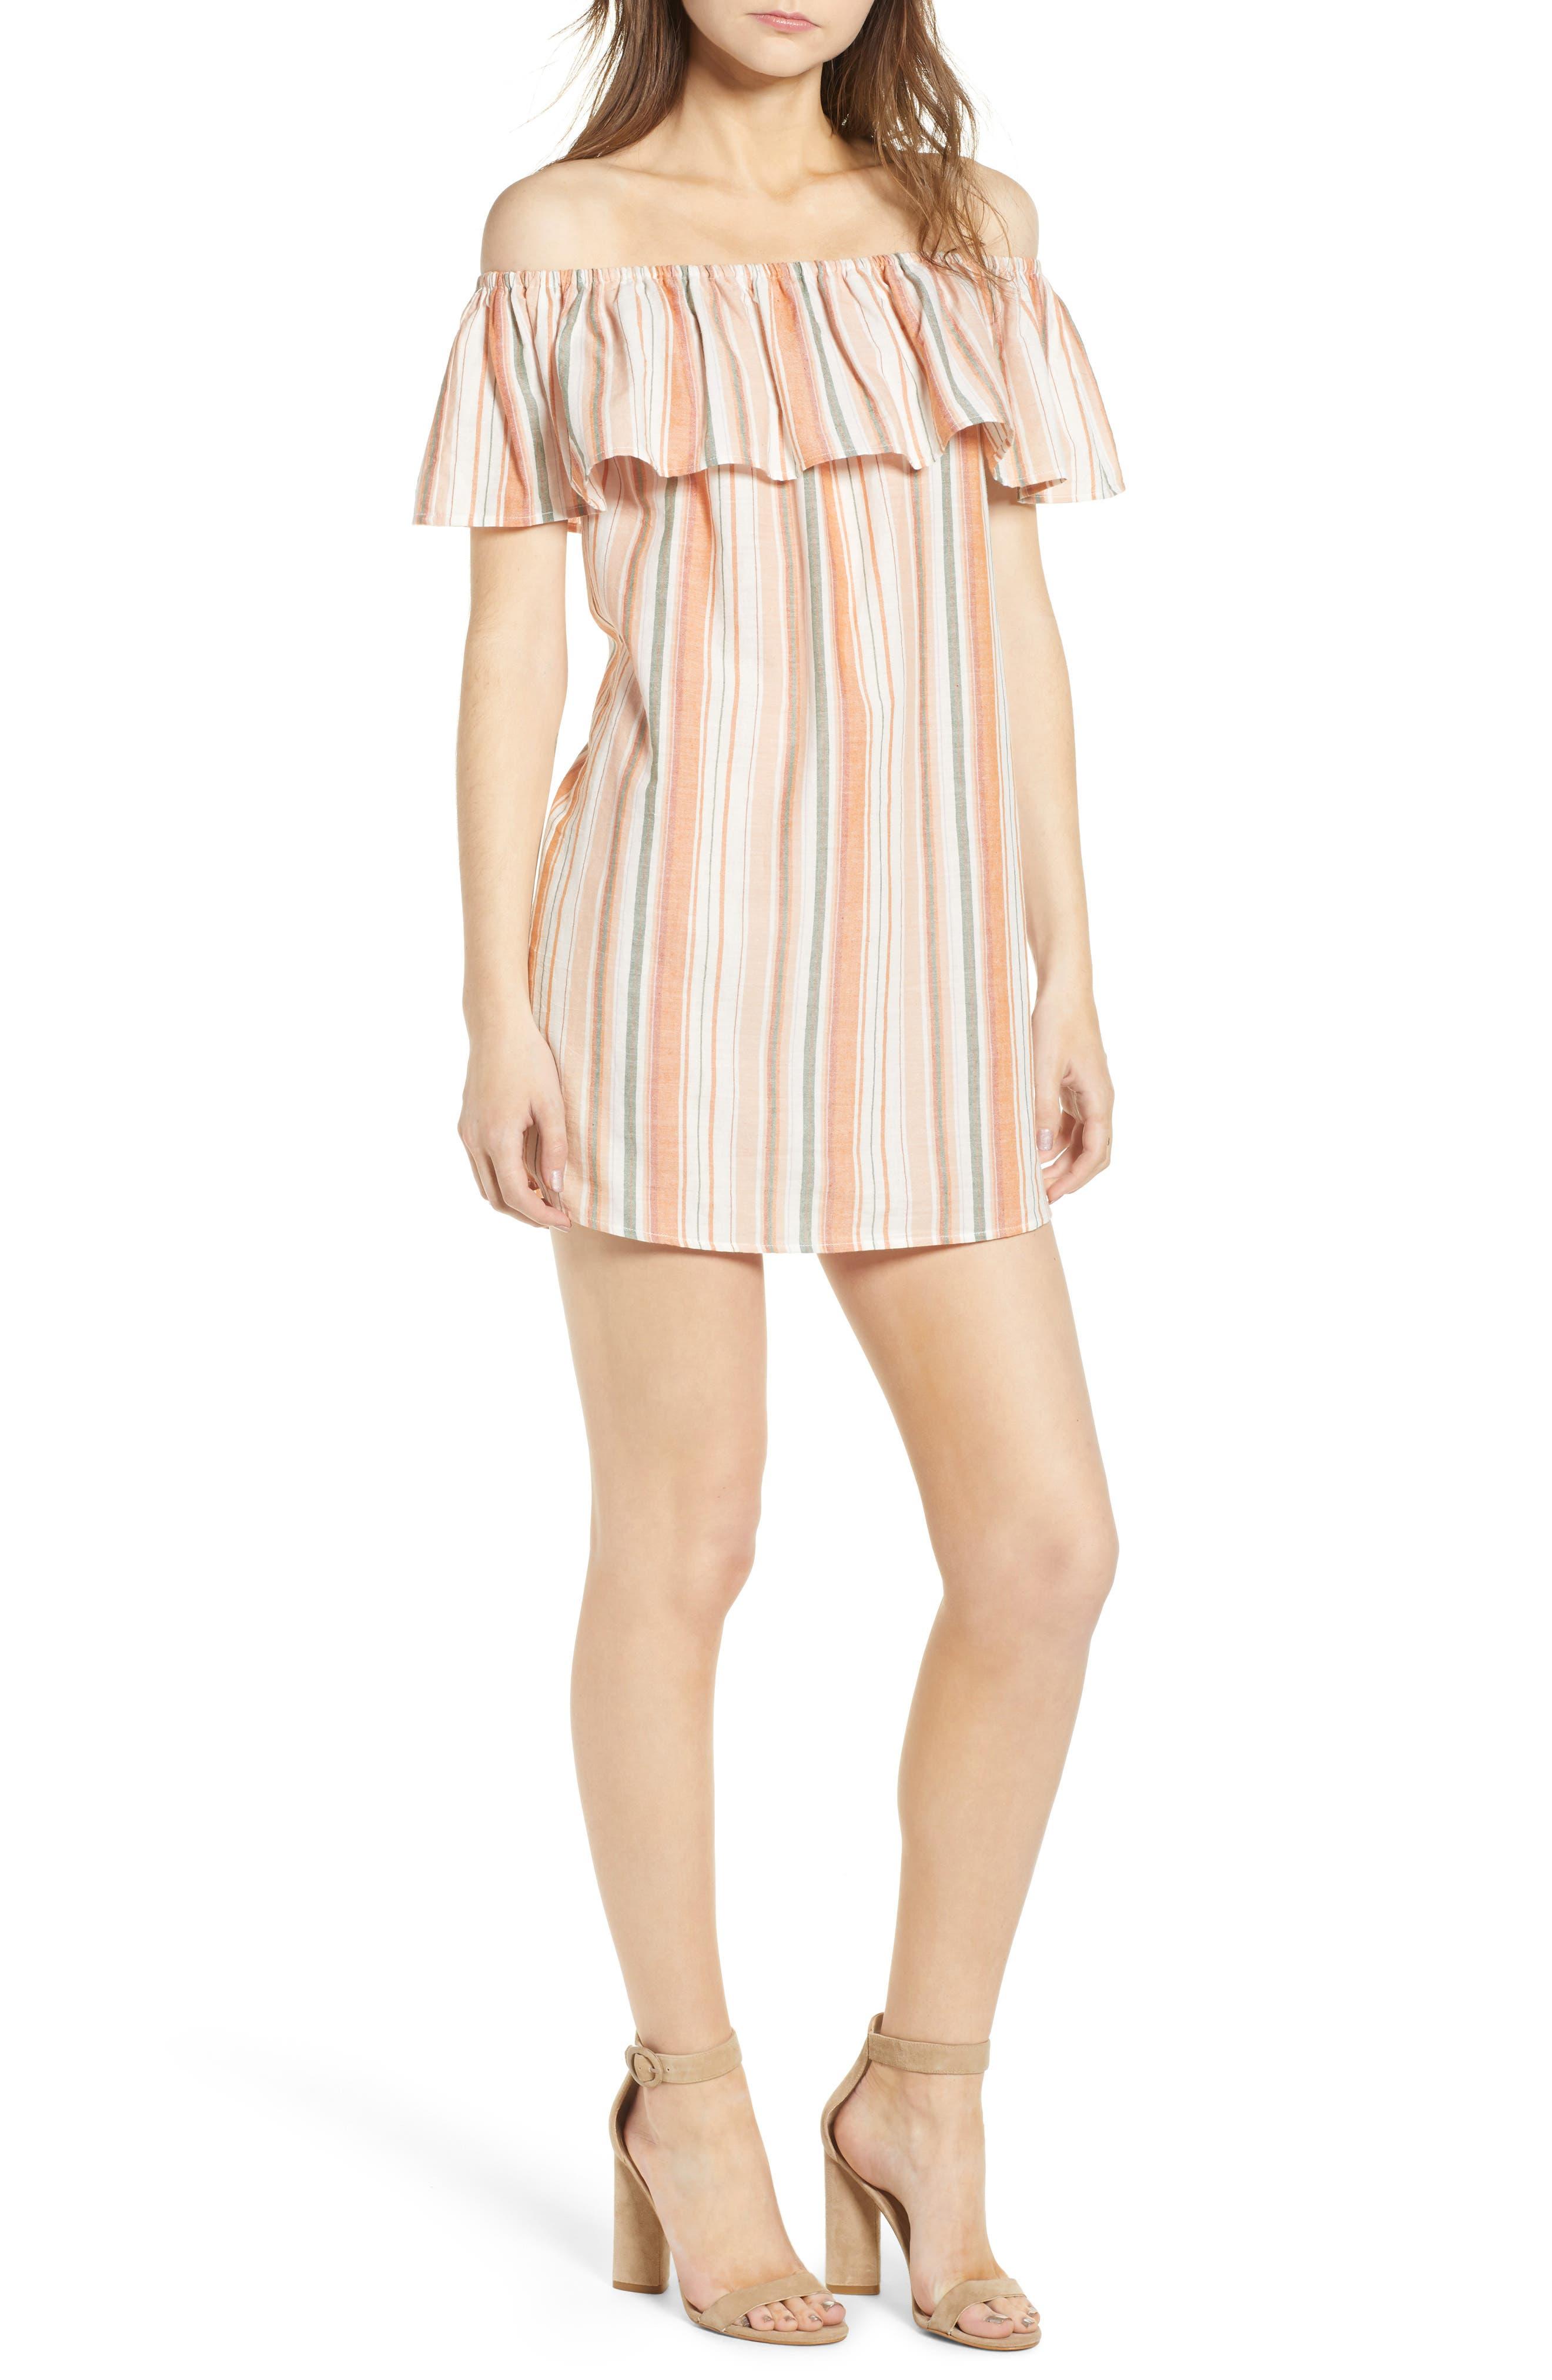 BISHOP + YOUNG Sunset Stripe Off the Shoulder Dress, Main, color, 844